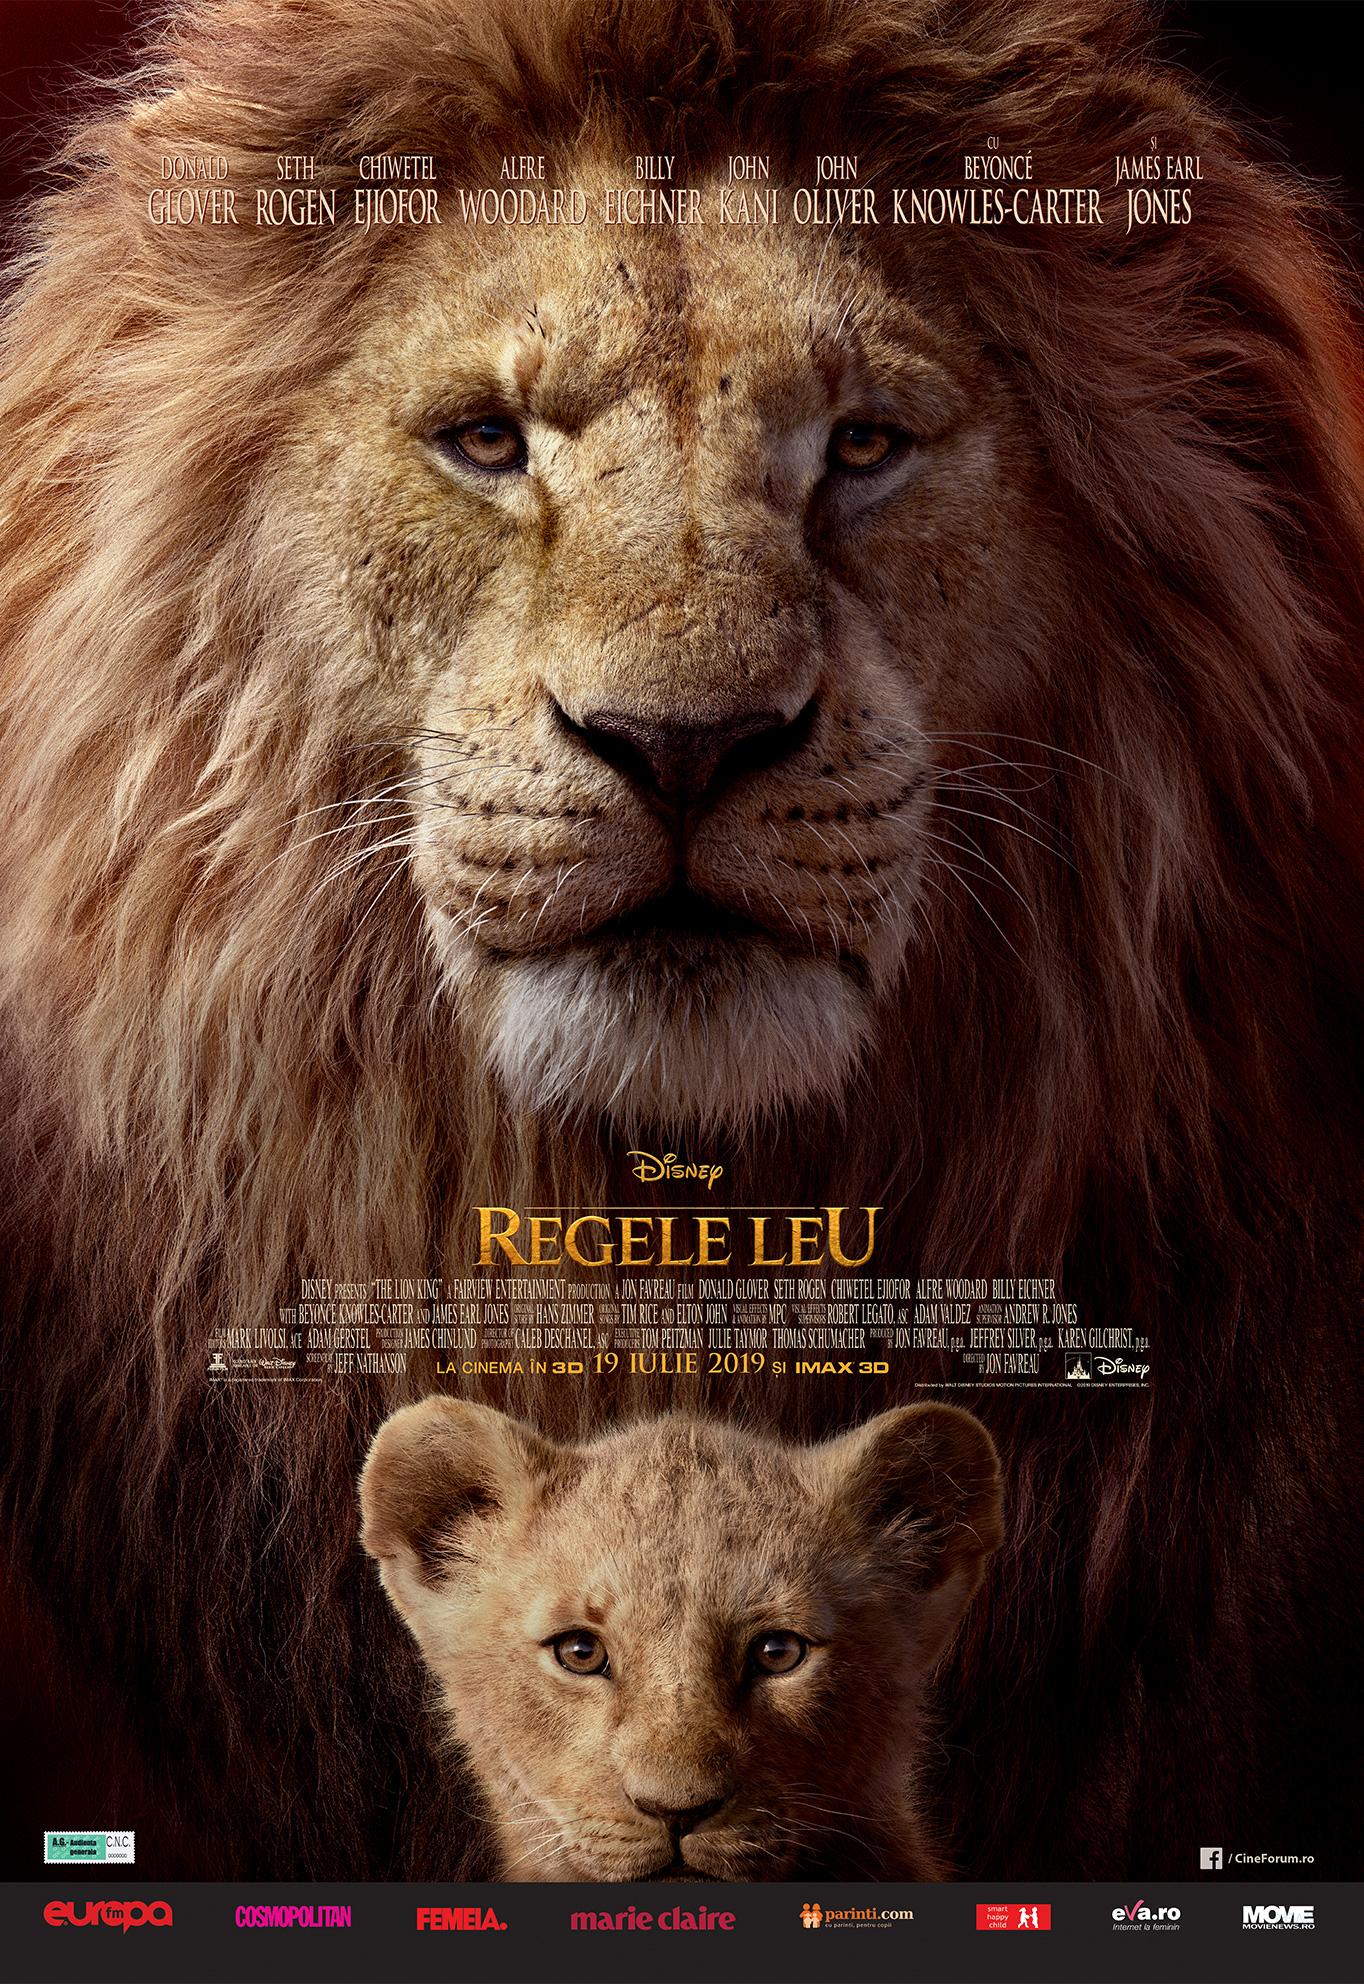 102561-LION-KING-POSTER-COMUNICATE-PRESA-IMAX